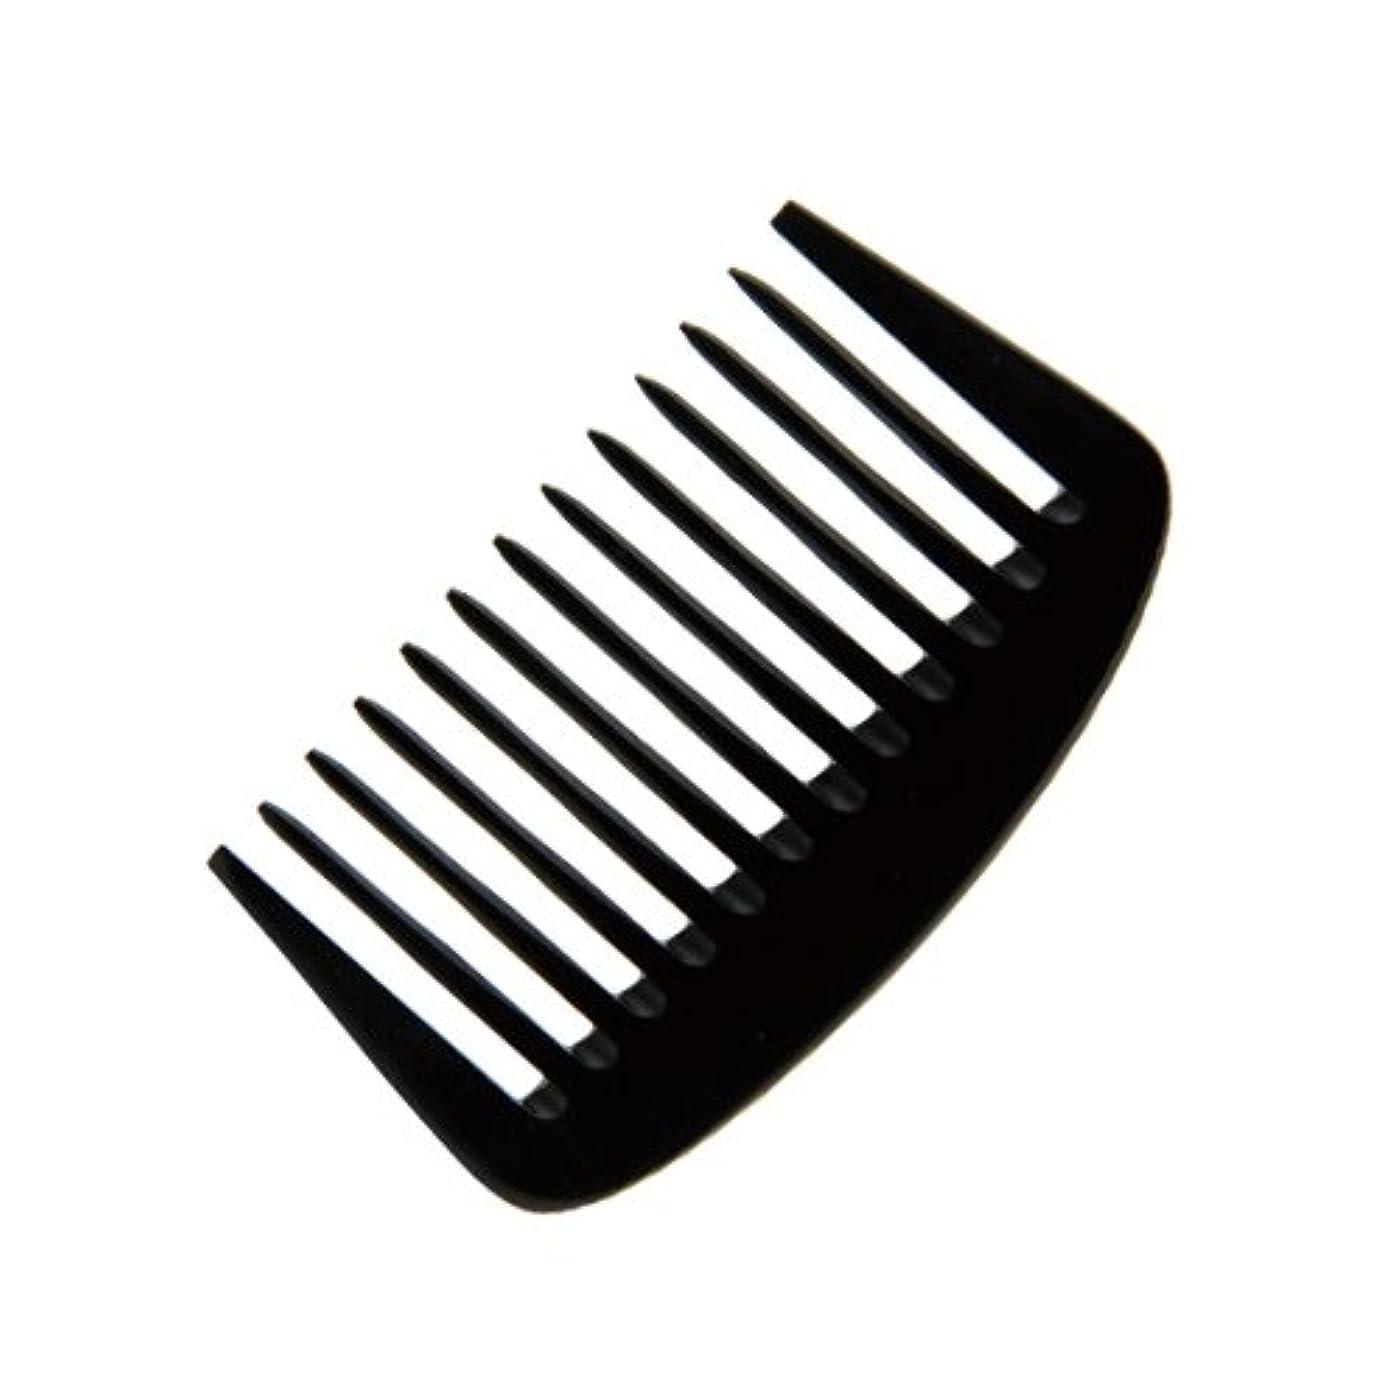 同じ実行とげのあるエトゥベラ e-ーフムーンコーム K-8010 105mm (美容室用) 全2色ブラック